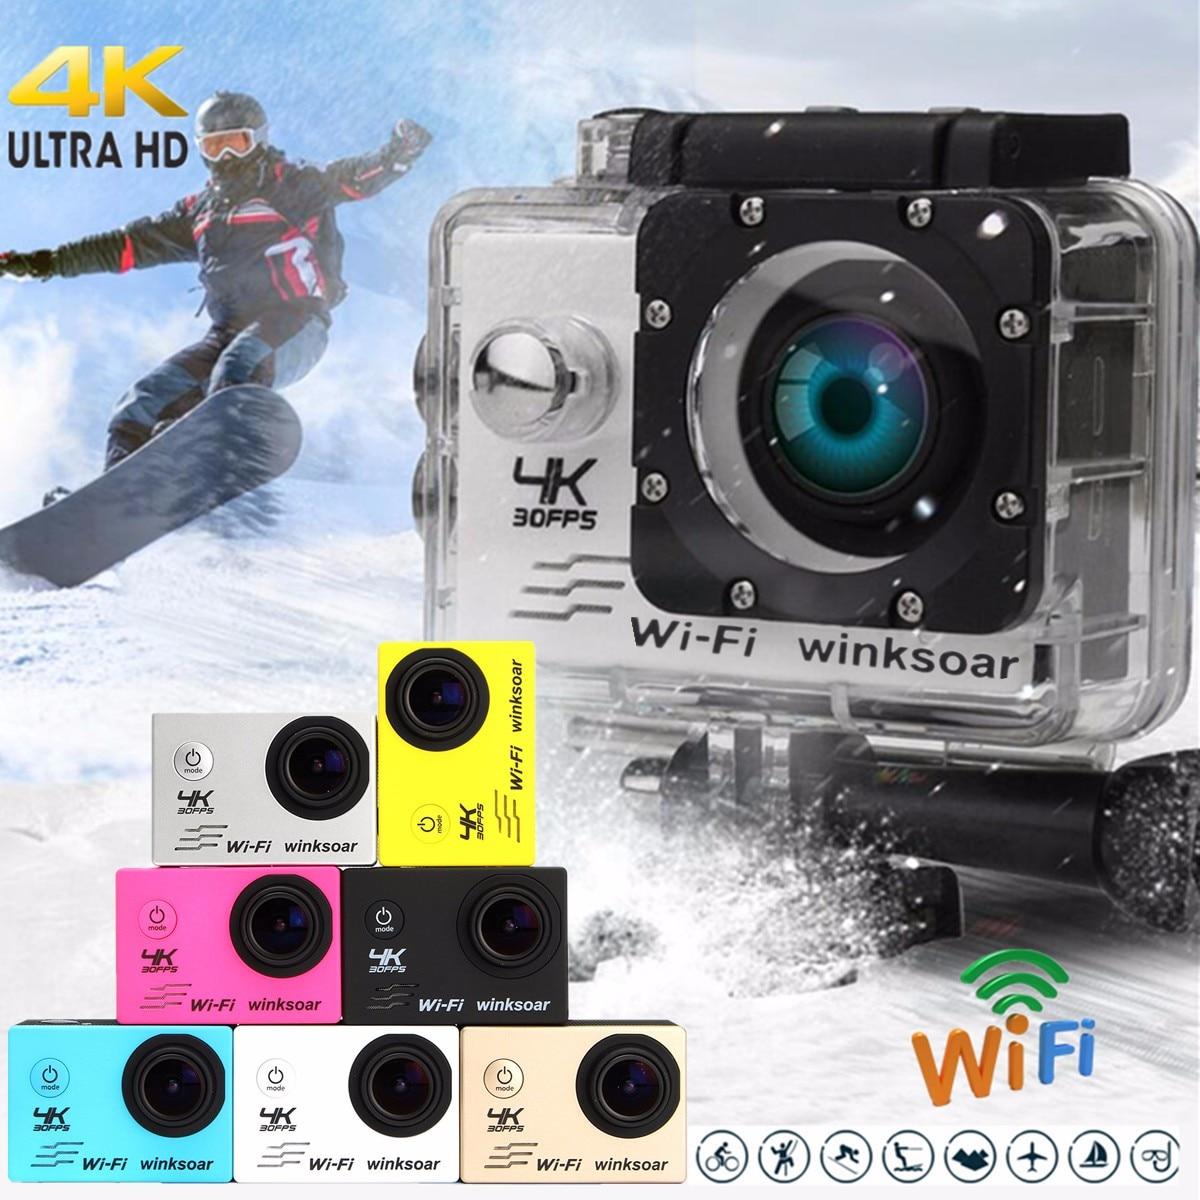 Winsoar deporte acción de la videocámara DV de la Cámara SJ9000 4 K Ultra HD 120 WiFi 2,0